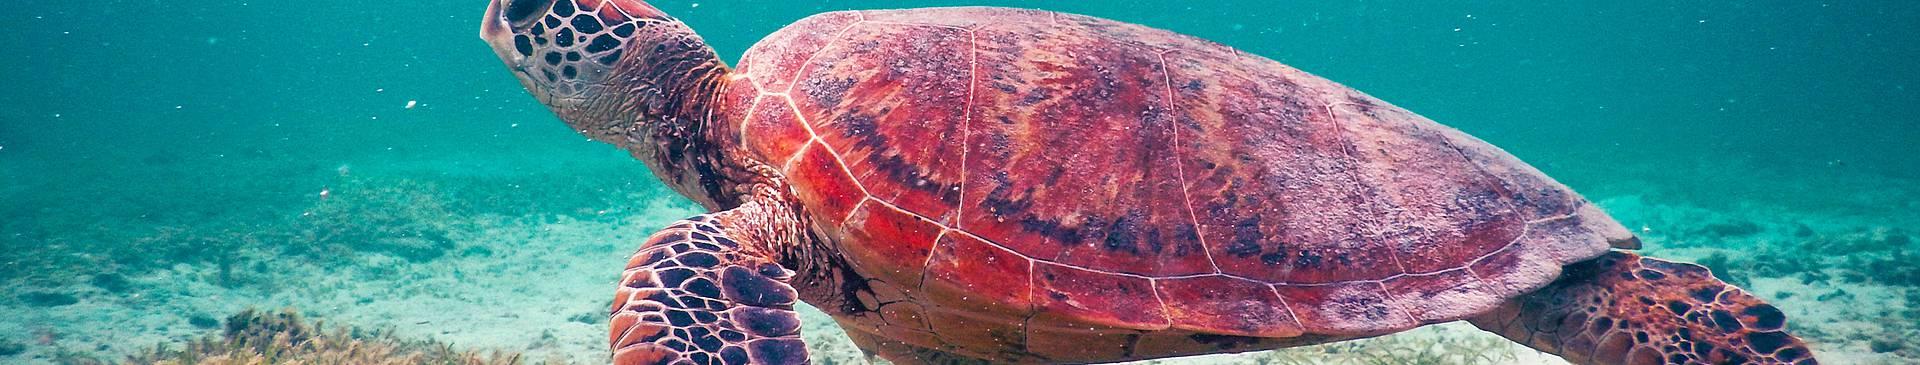 Plongée & Snorkeling en Nouvelle Calédonie